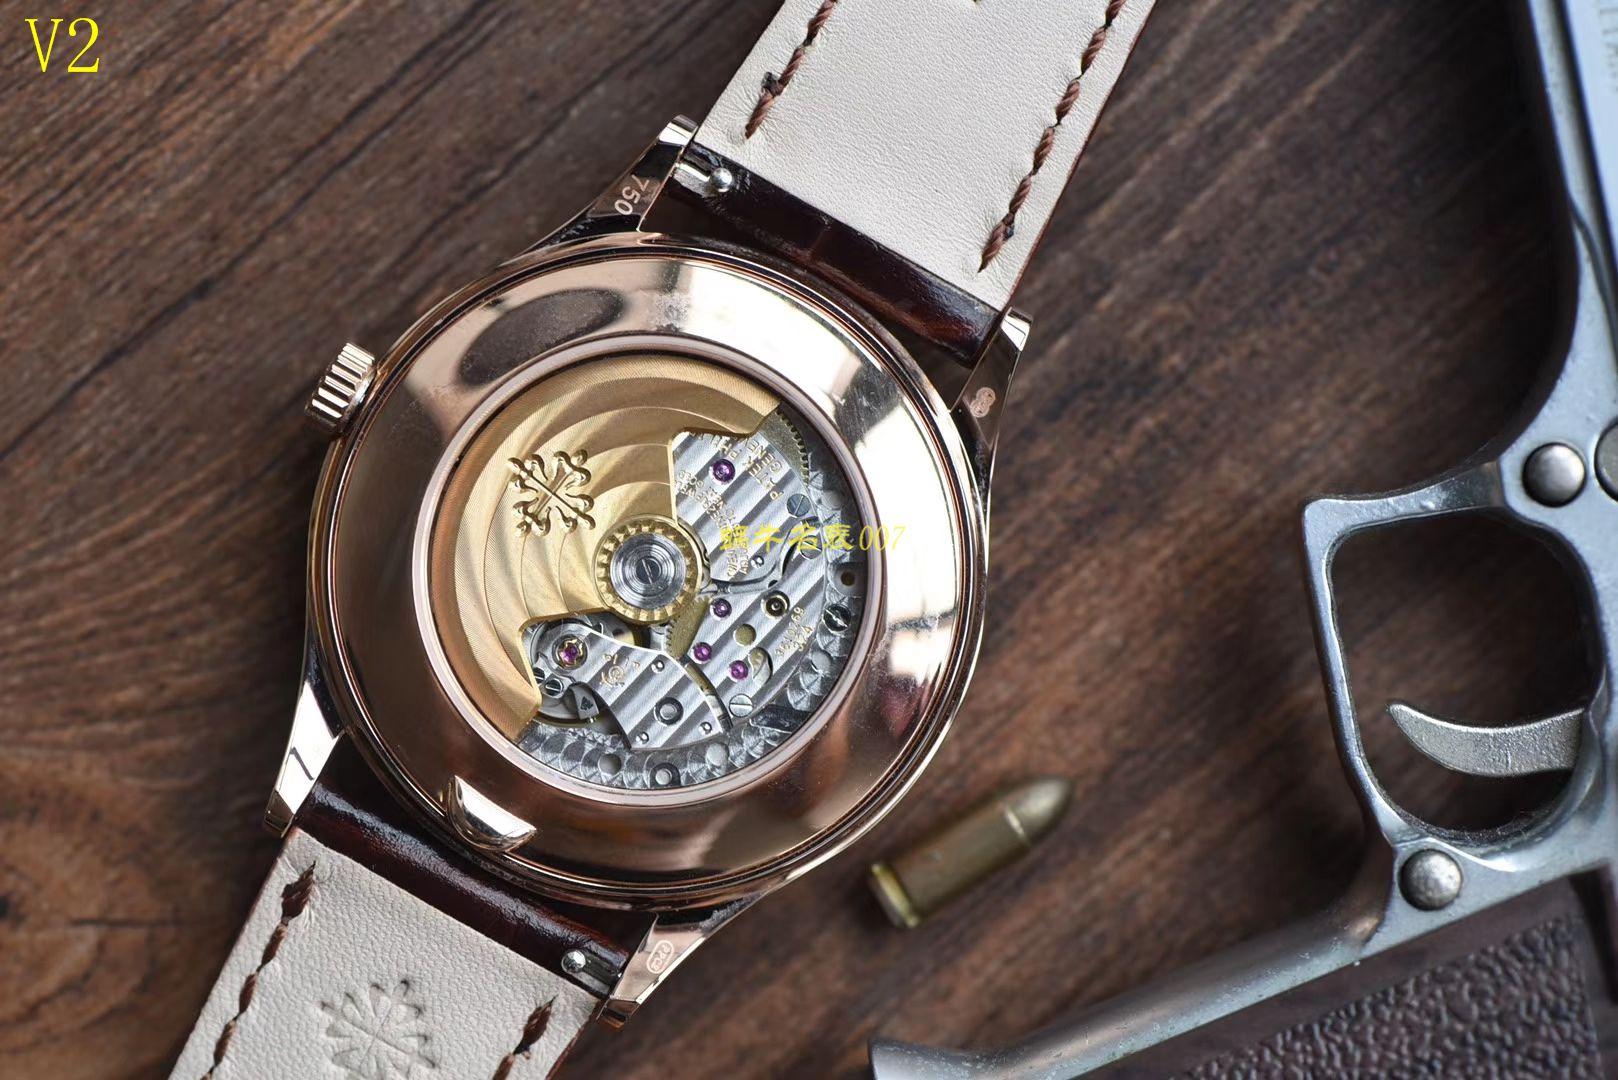 【台湾厂一比一超A高仿手表】百达翡丽复杂功能计时系列5396R-012月相腕表